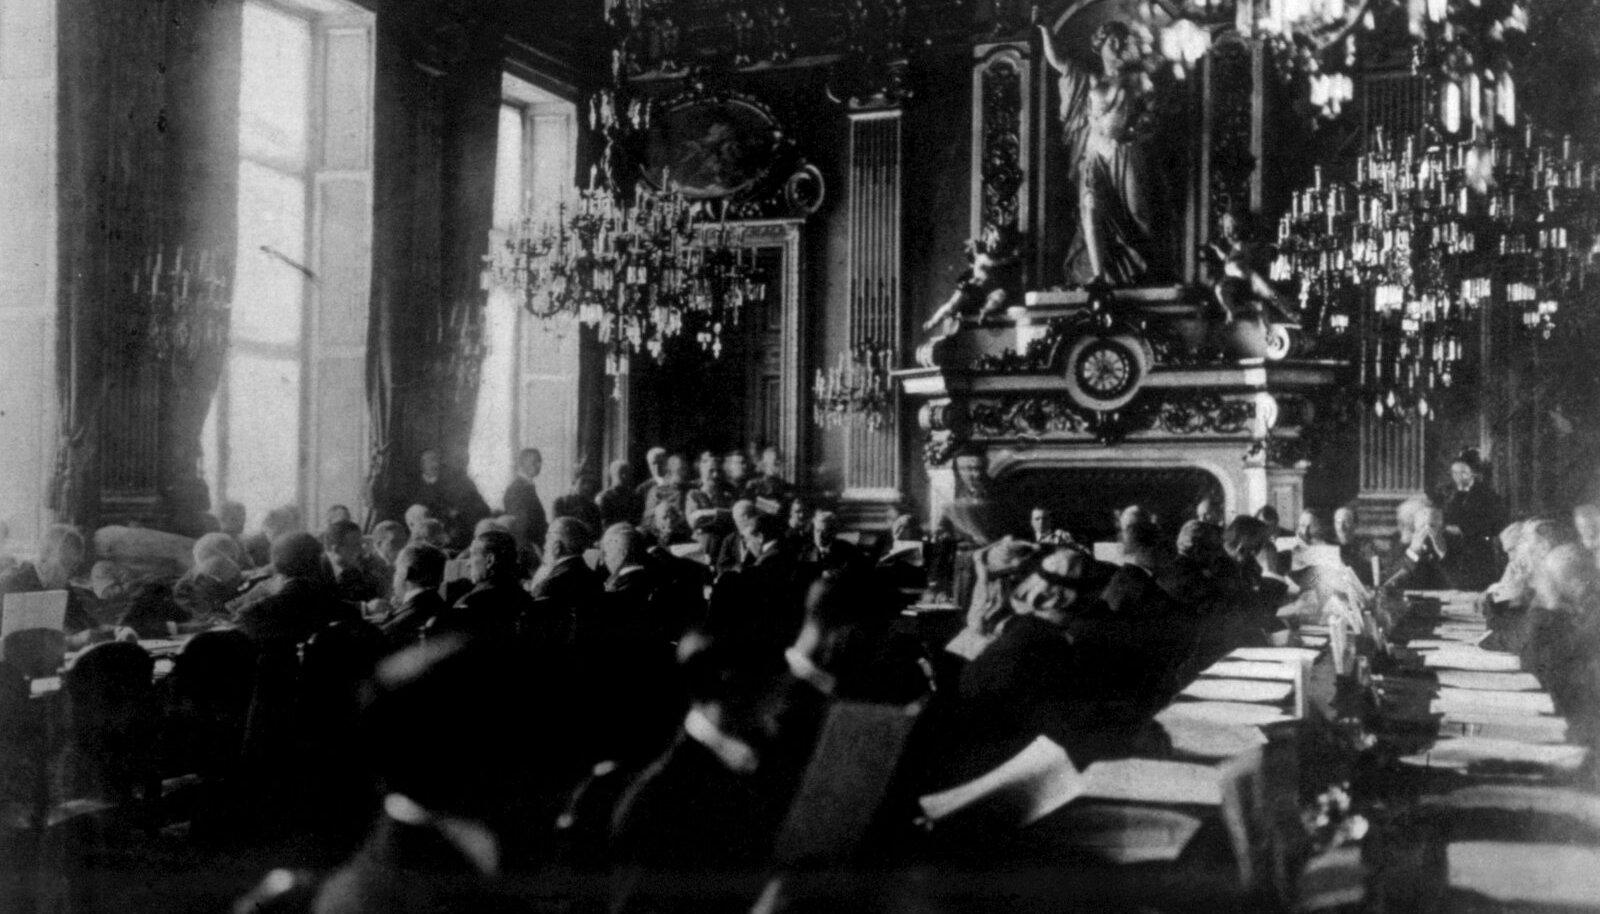 Pariisi rahukonverents kestis jaanuarist 1919 kuni jaanuarini 1921. Konverents kutsuti kokku pärast Esimest maailmasõda ja Eesti delegatsioon võttis sellest osa vaatlejana. Eestil jäi Pariisist veel de iure tunnustus saamata, küll aga saadi palju häid kontakte ja abi.